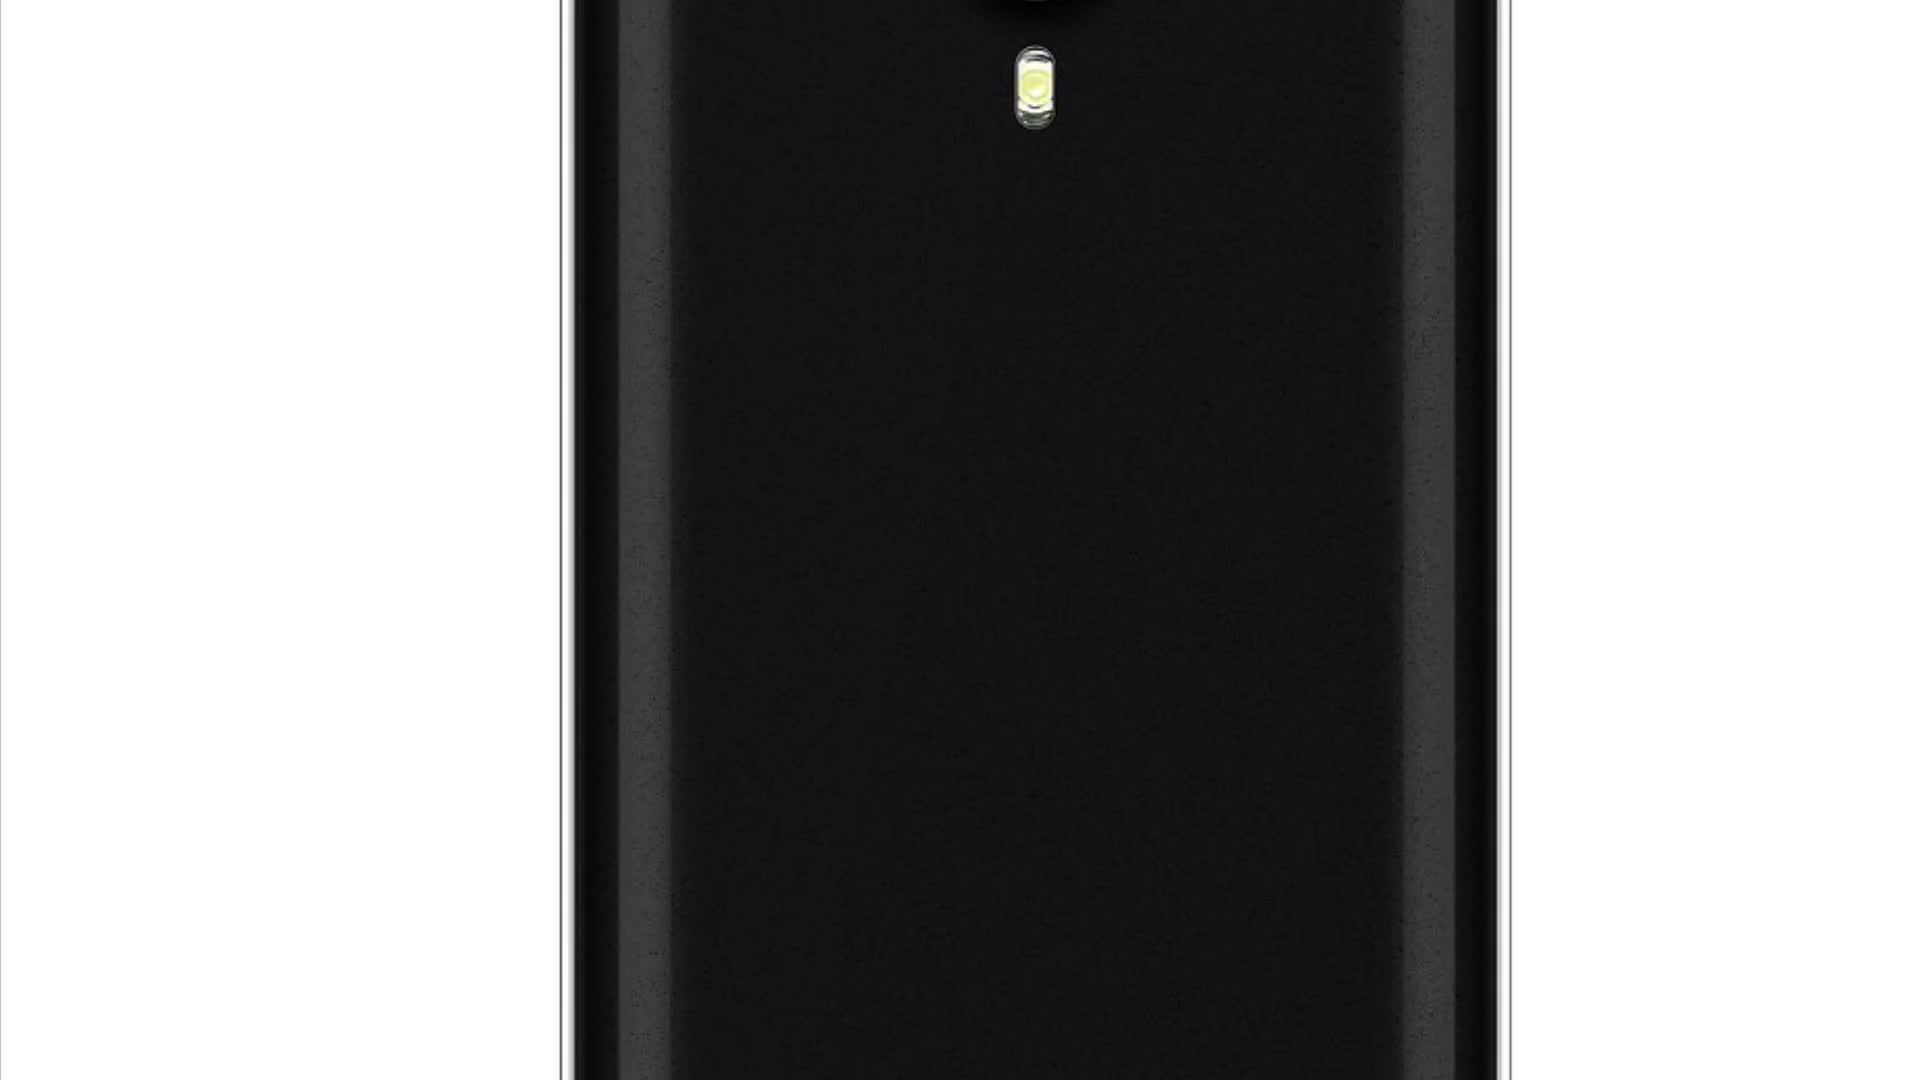 在庫非常に小さな新しい Android 携帯電話 vkworld F1 最新 4.5 インチ 3 グラムスマートフォンビッグスピーカー 1 グラム 8 GROM 携帯電話